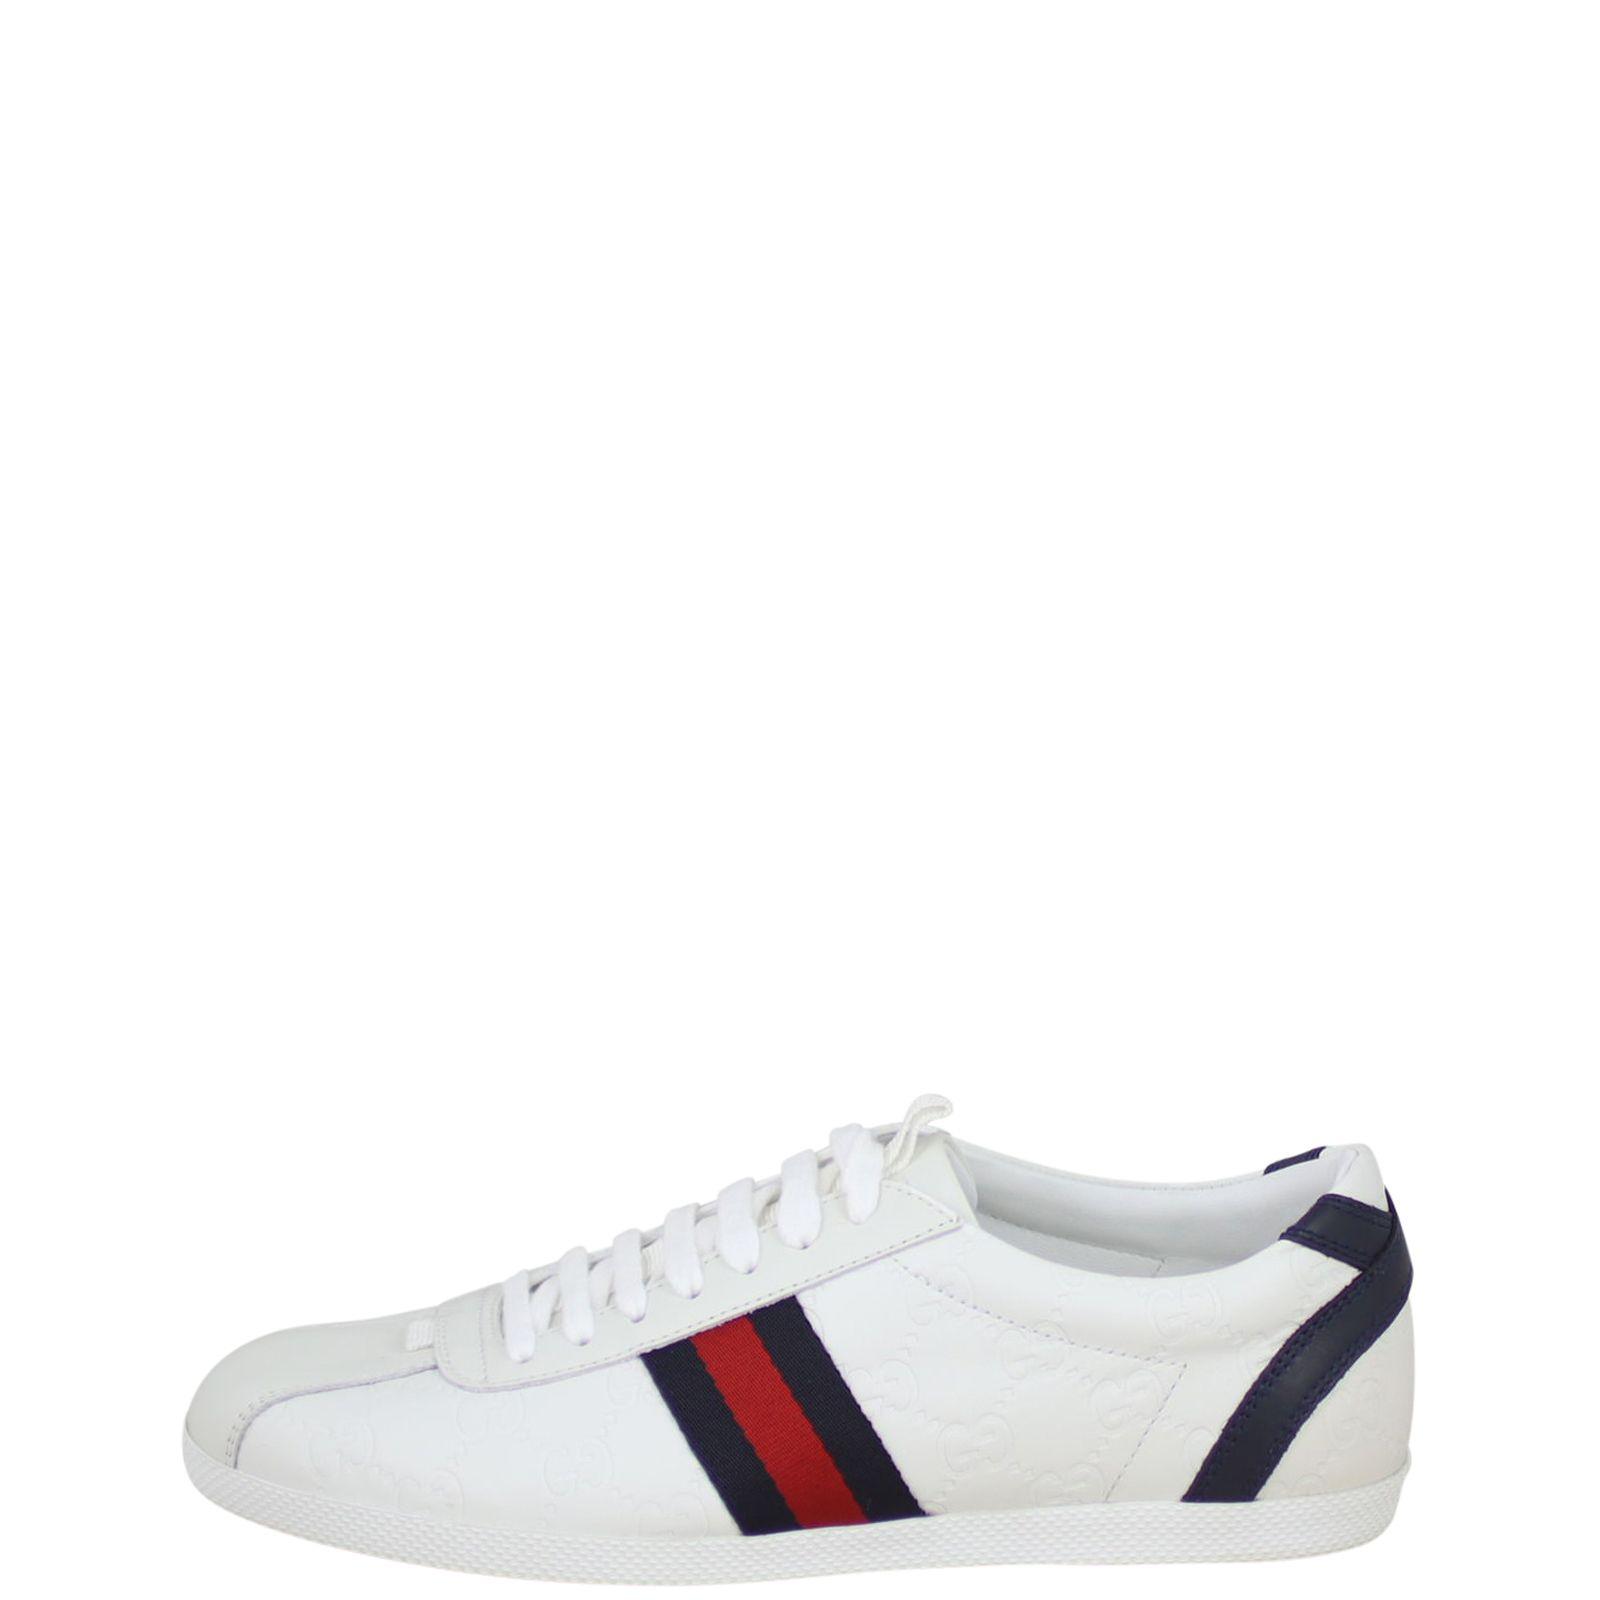 Gucci Guccissima Leather Web Sneakers